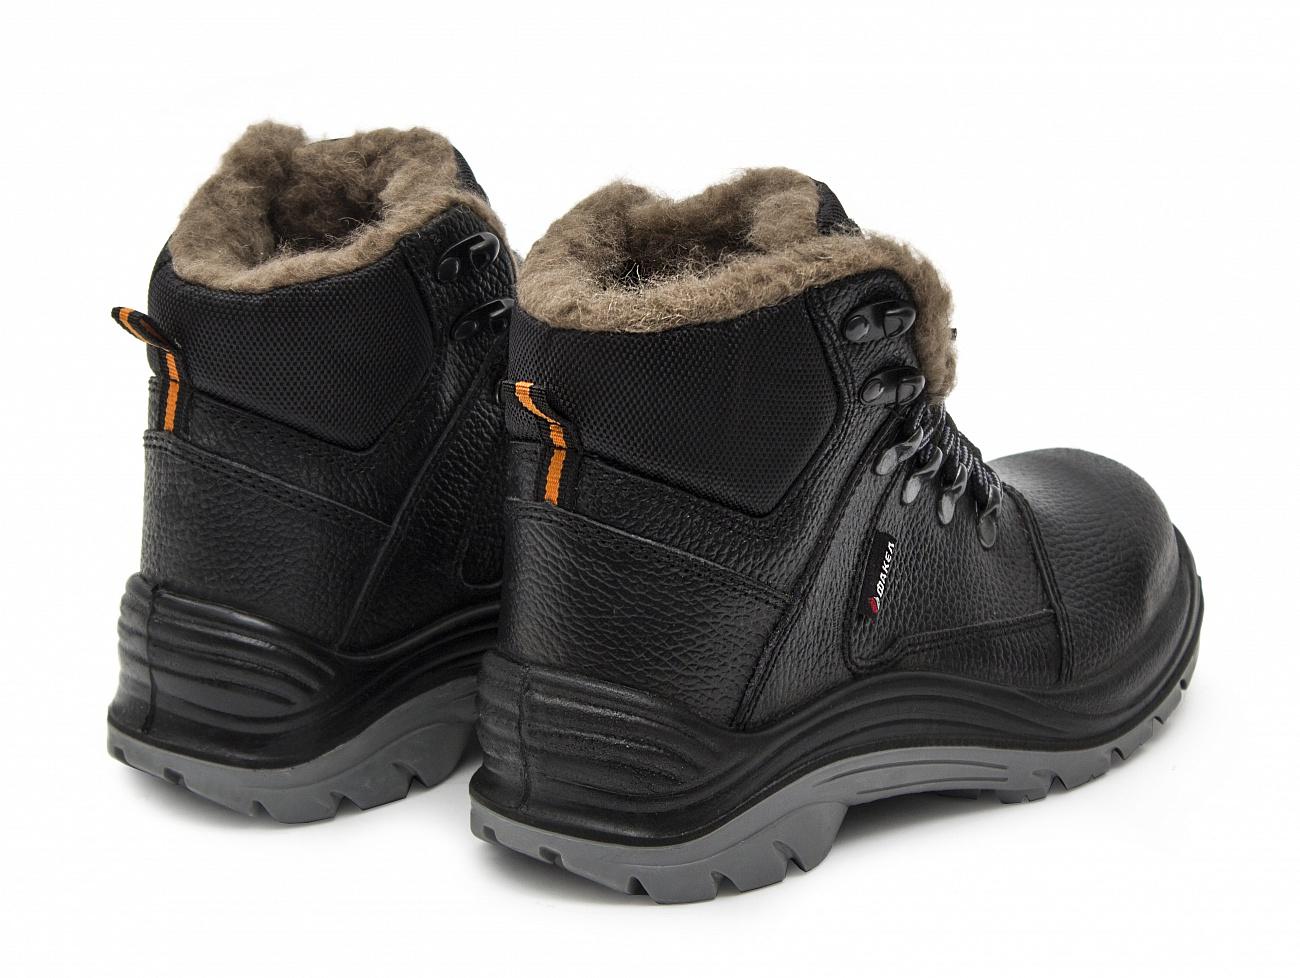 Ботинки рабочие зимние Гранит натуральная шерсть ПУ ТПУ